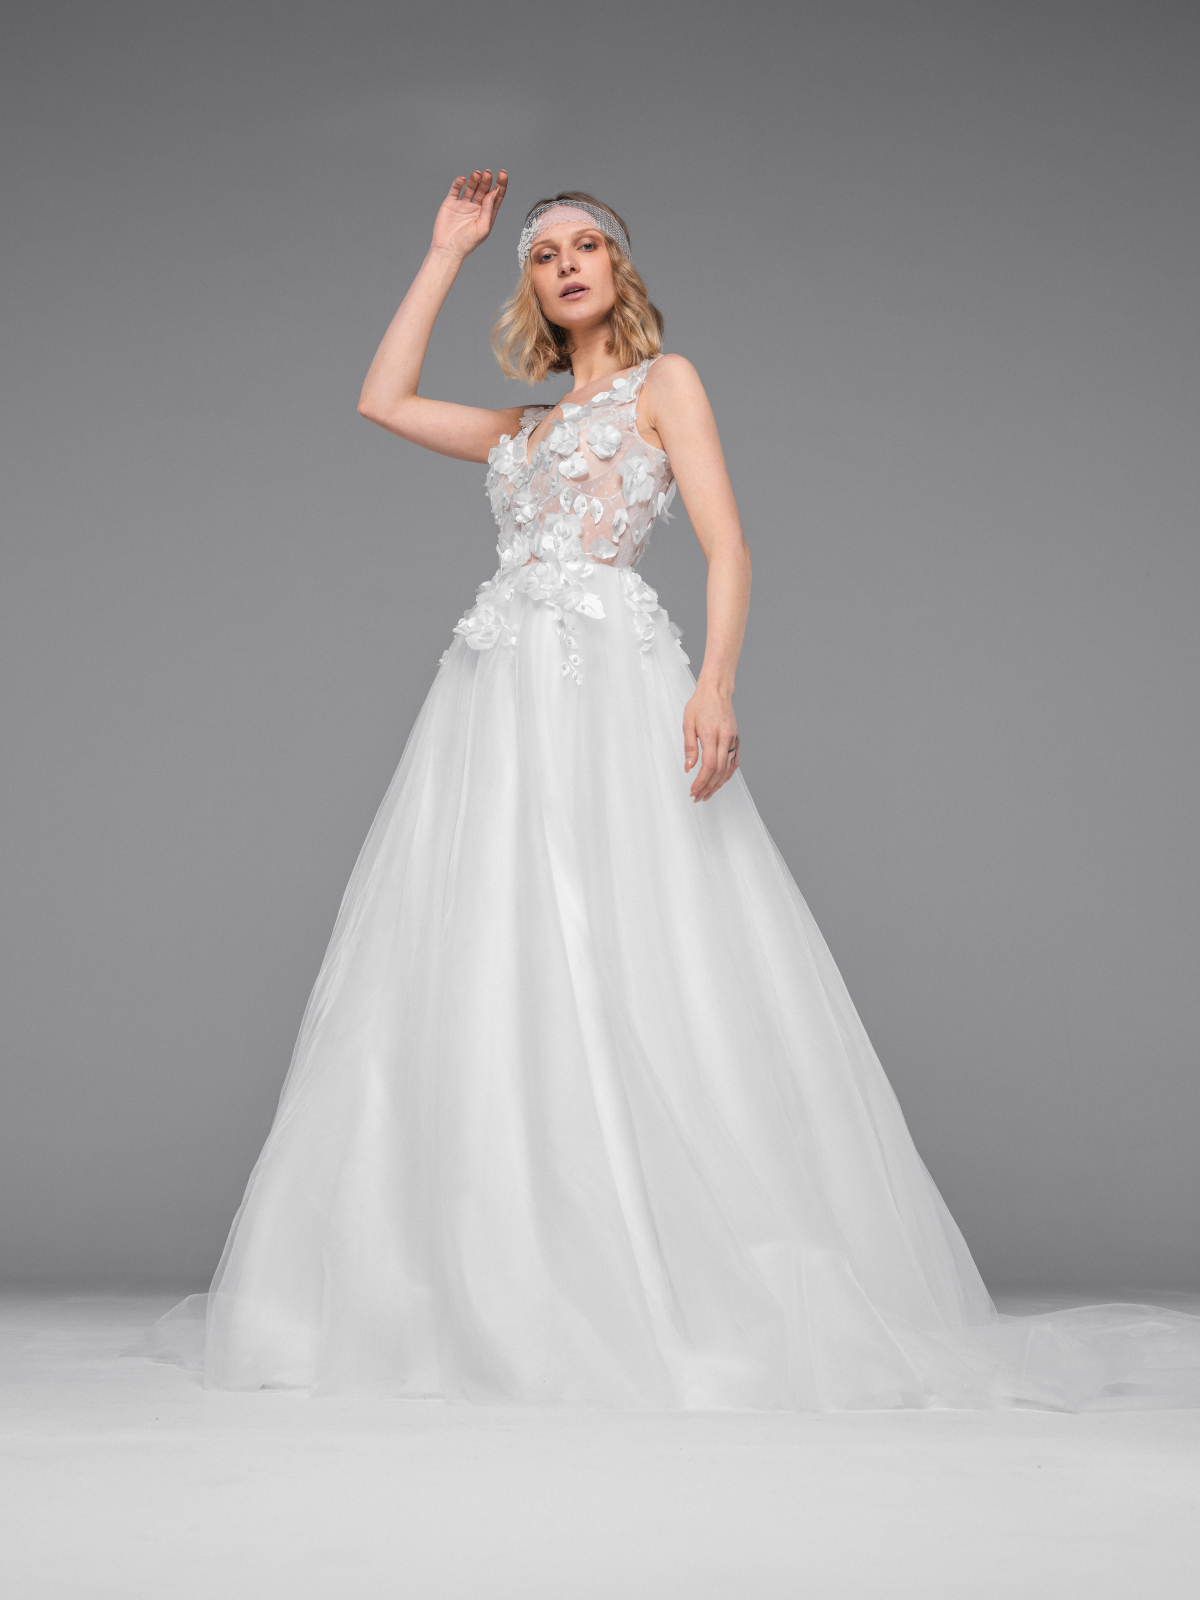 imagen-vestido-andras-colección-hooversirtuosity-Inma-Saurina